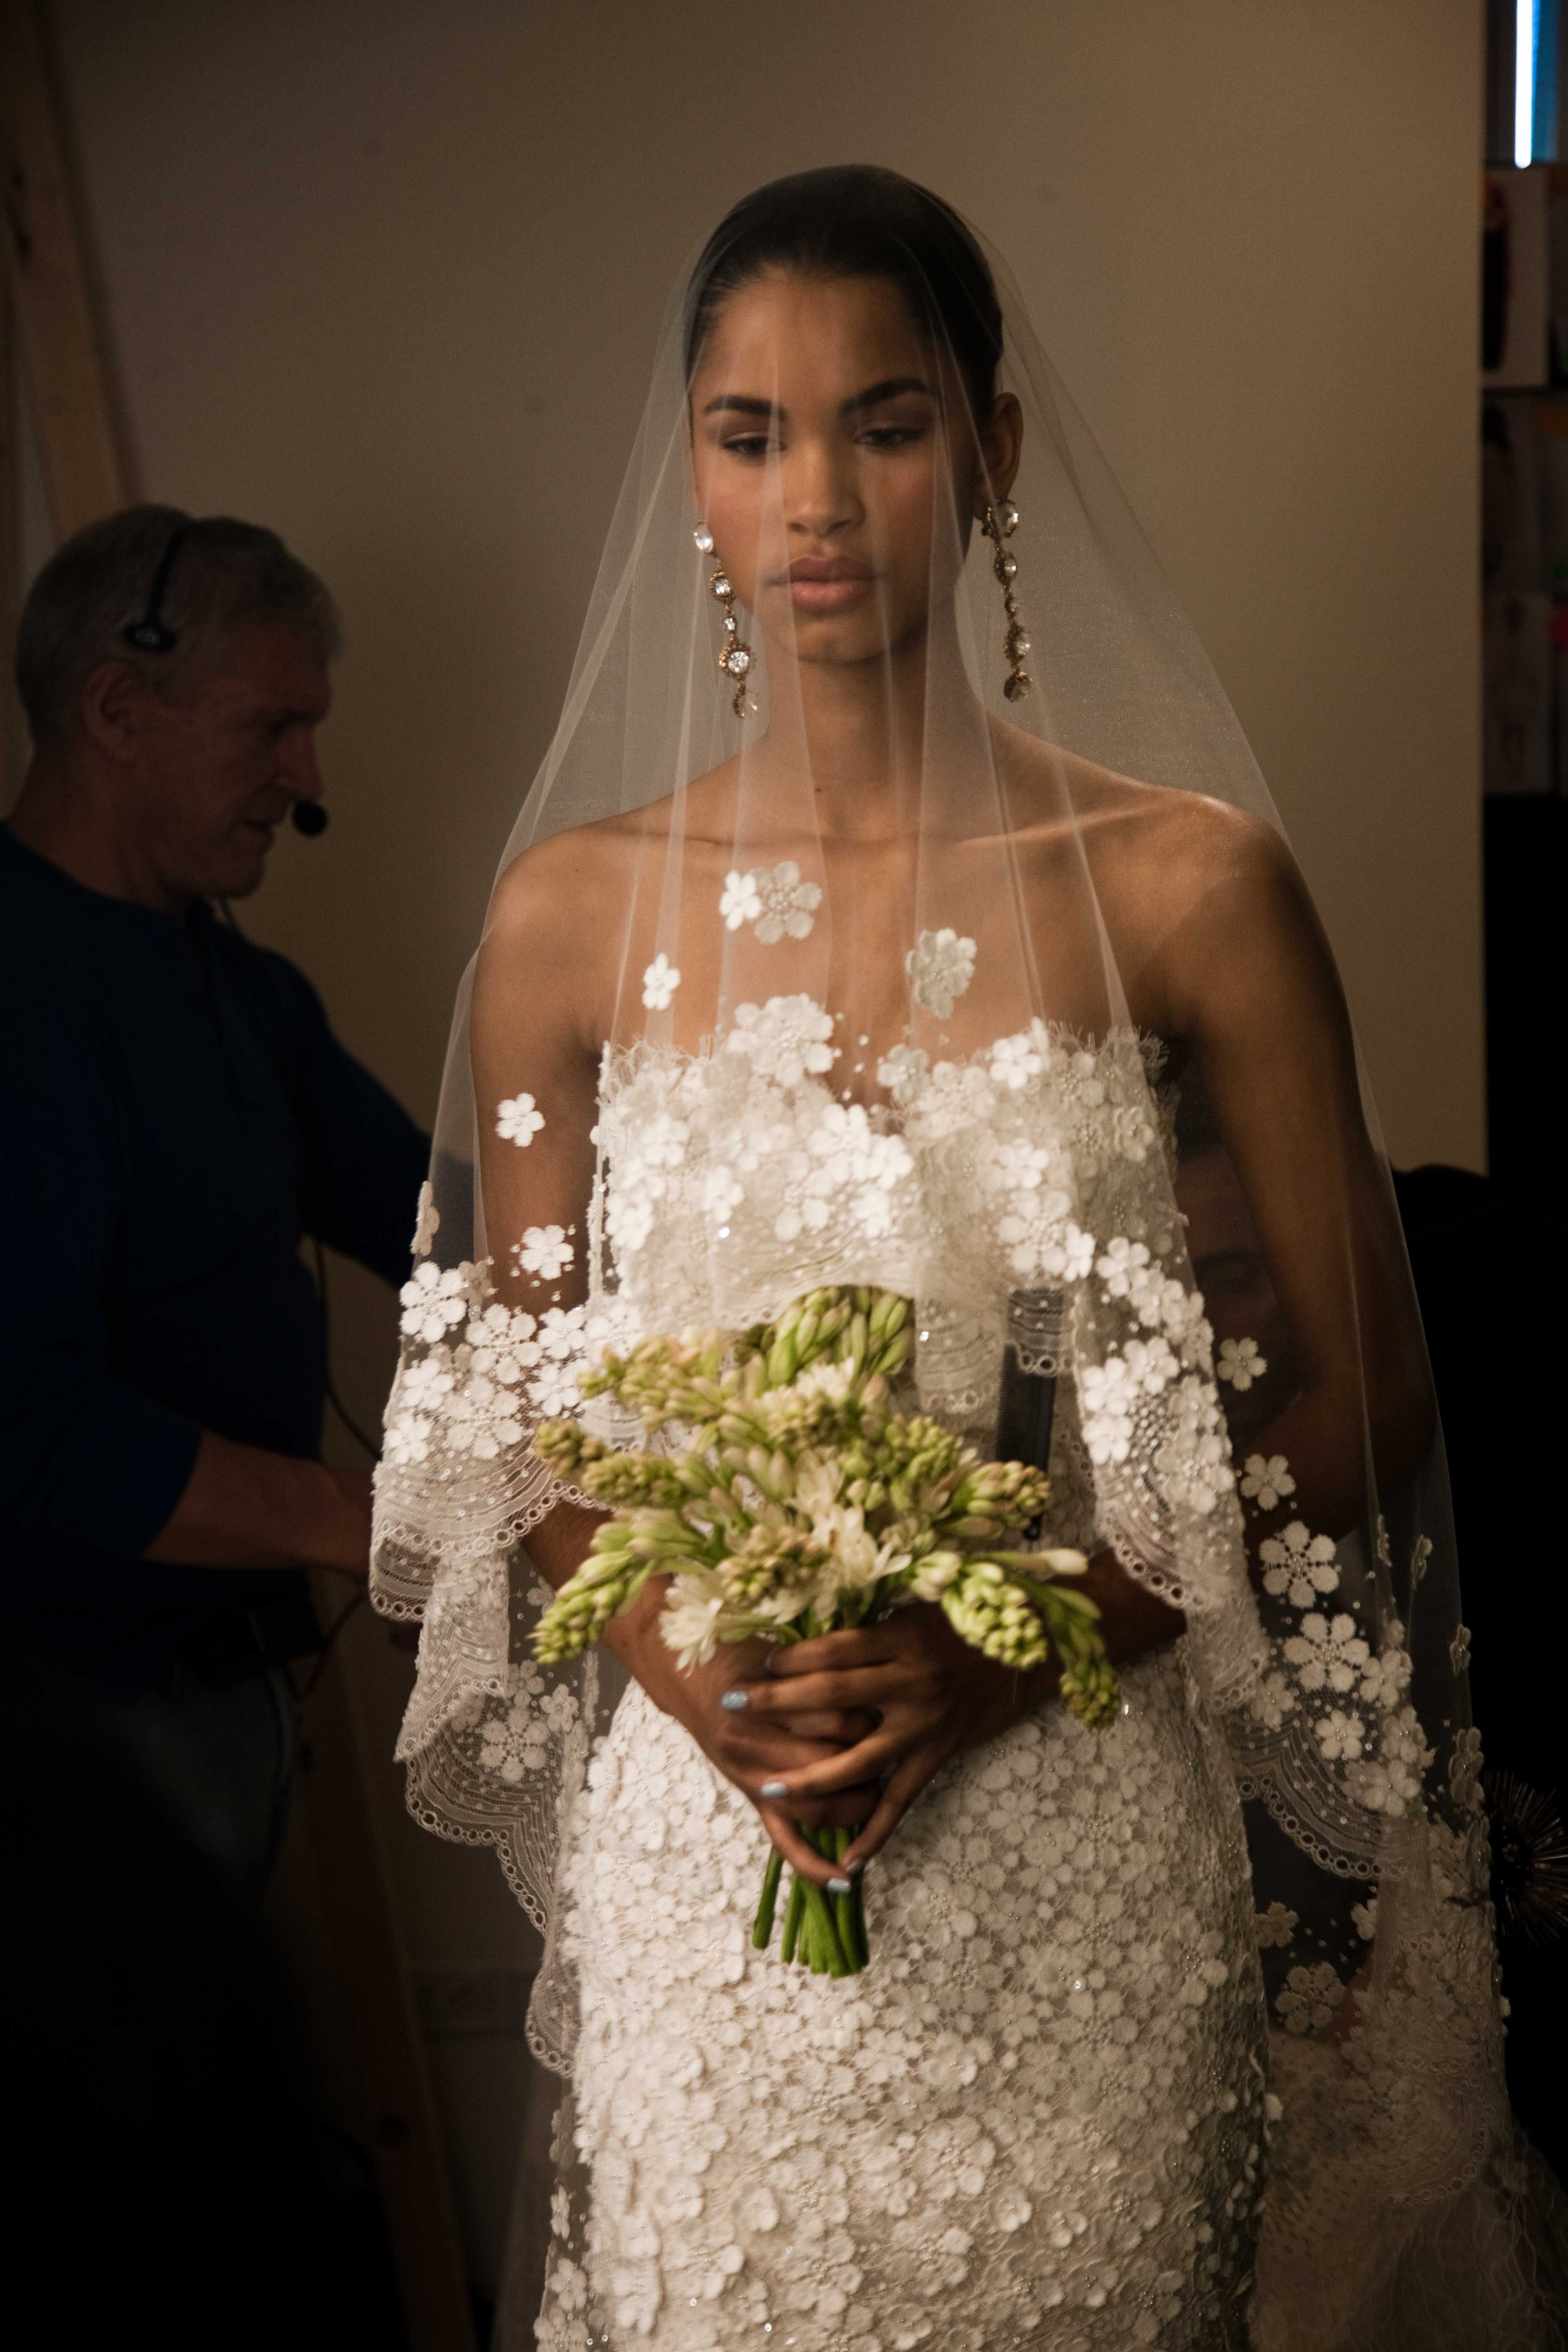 Oscar de la Renta  44E10  Size 2 Wedding DressOscar de la Renta  44E10  Size 2 Wedding Dress   Oscar de la Renta  . Oscar De La Renta Wedding Dress. Home Design Ideas